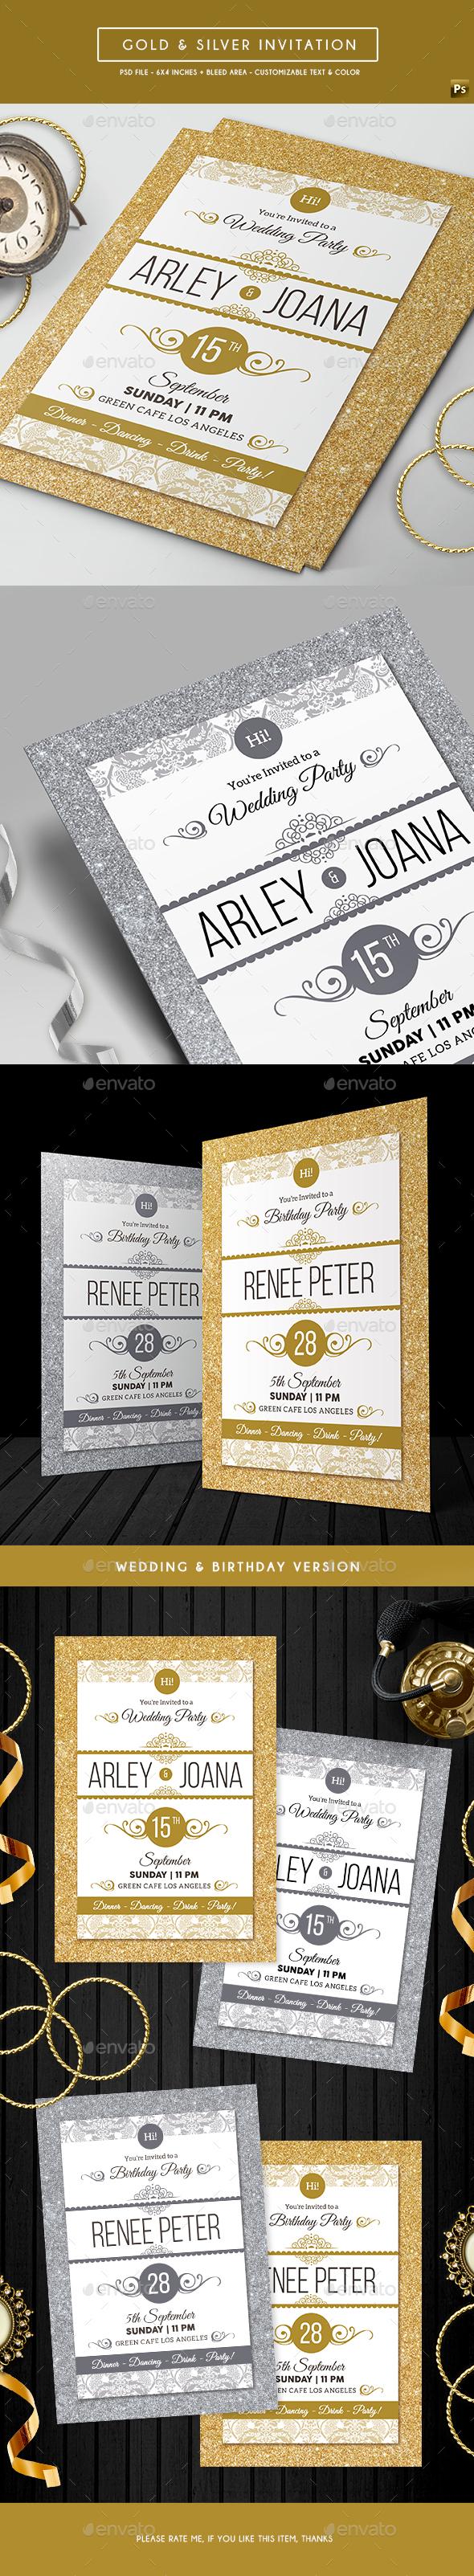 Gold & Silver Invitation